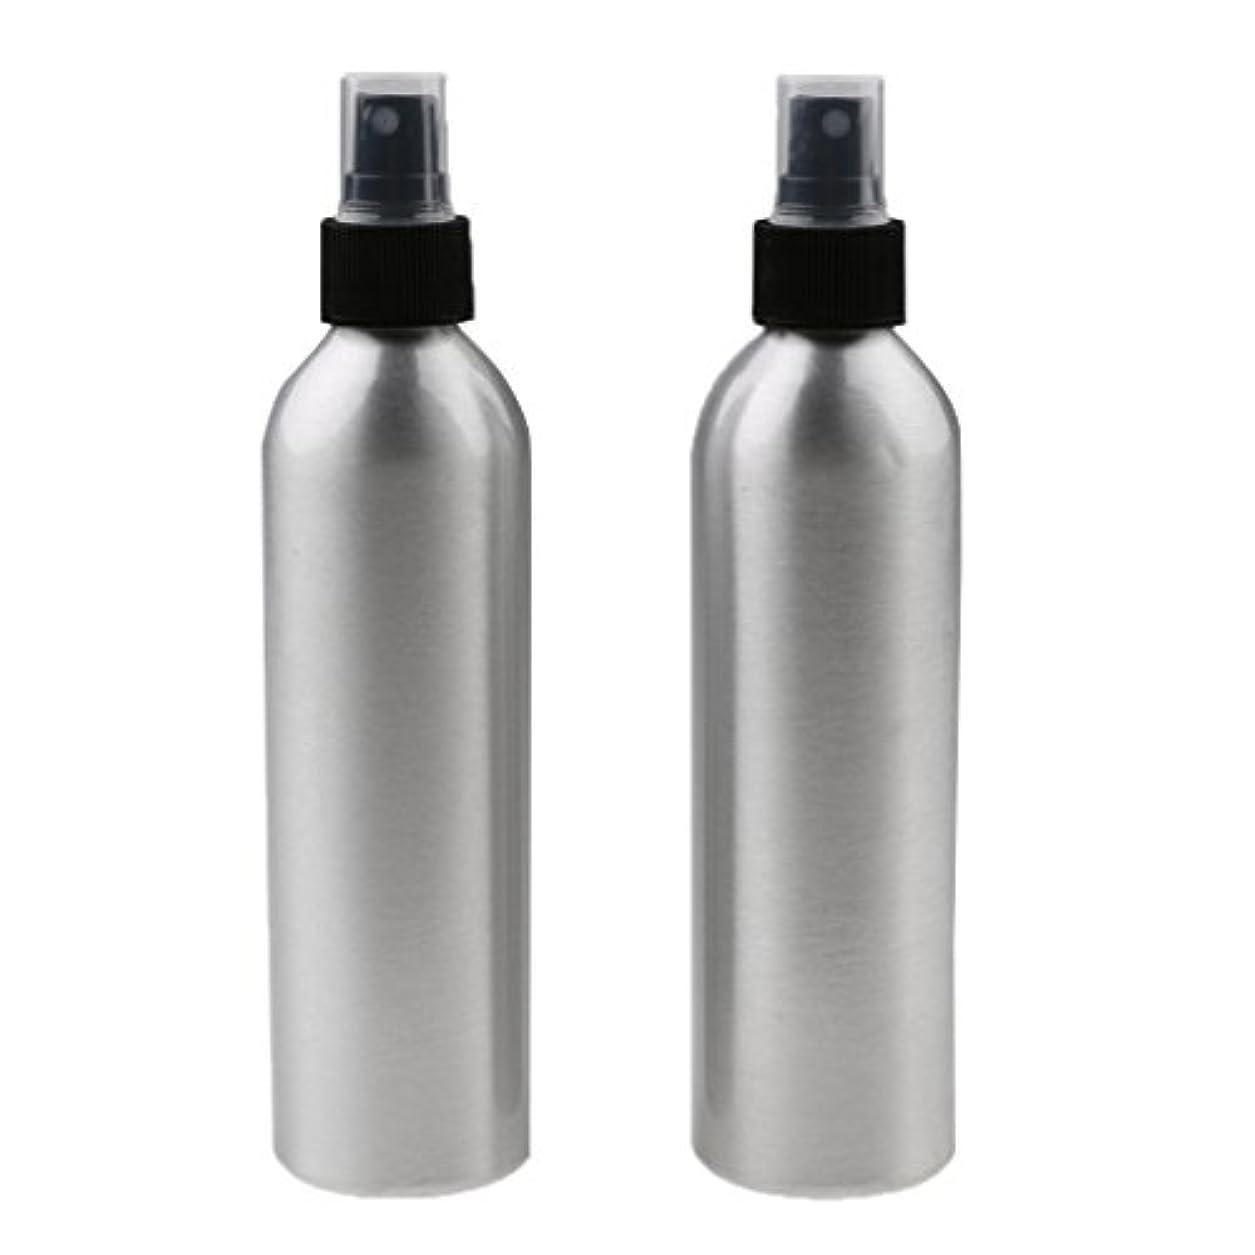 価値のない記念日遅滞Kesoto 2個入り 旅行 アルミ ミスト スプレー 香水ボトル メイクアップ スプレー アトマイザー 女性用 美容 小物 軽量 持ち運び便利 全4サイズ - 100ml